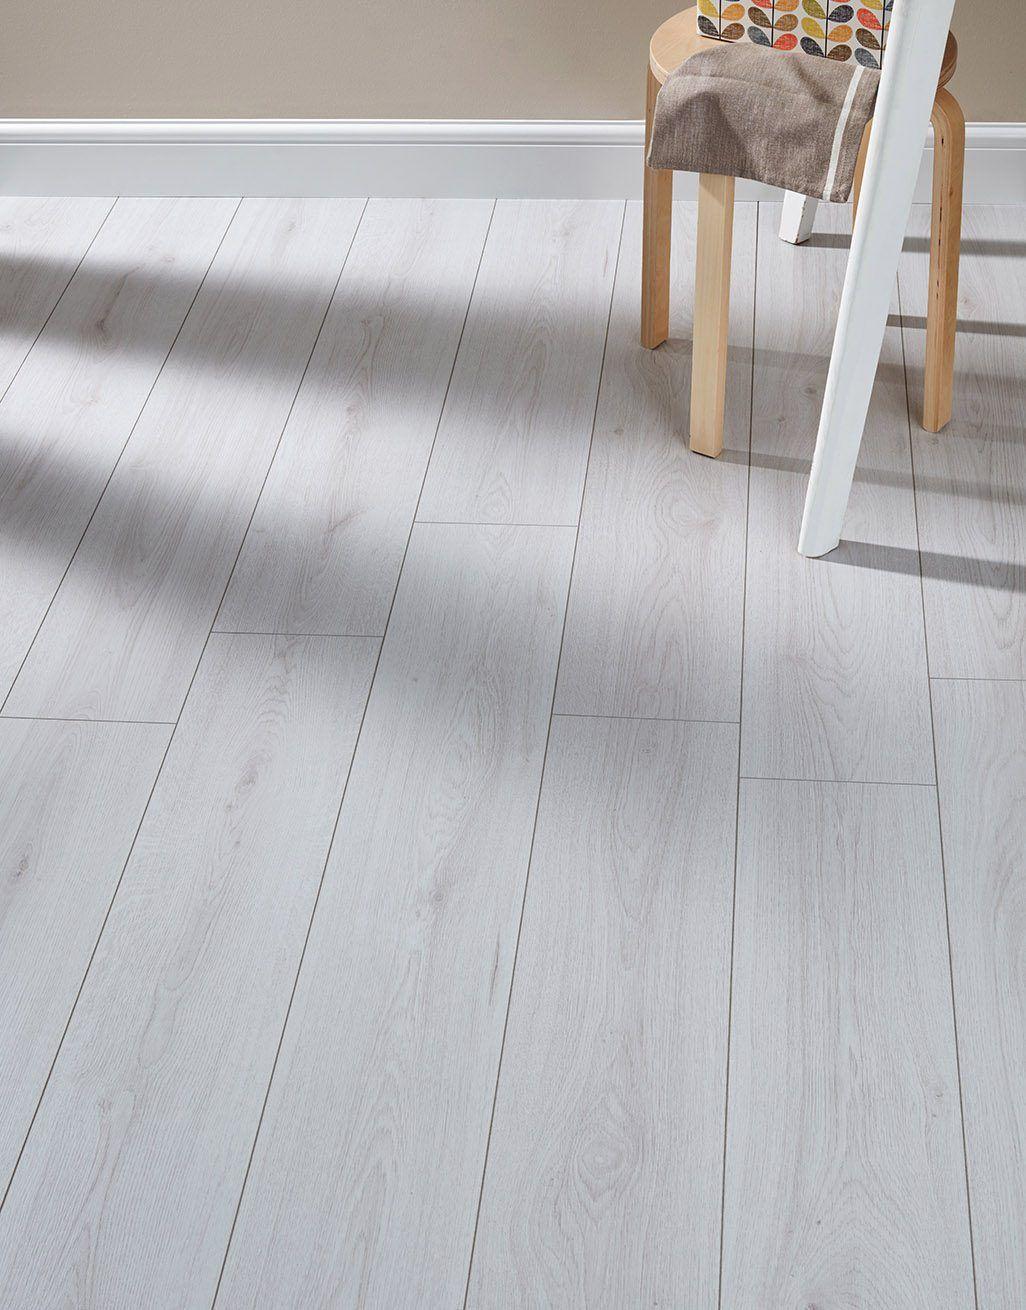 Farmhouse - White Laminate Flooring